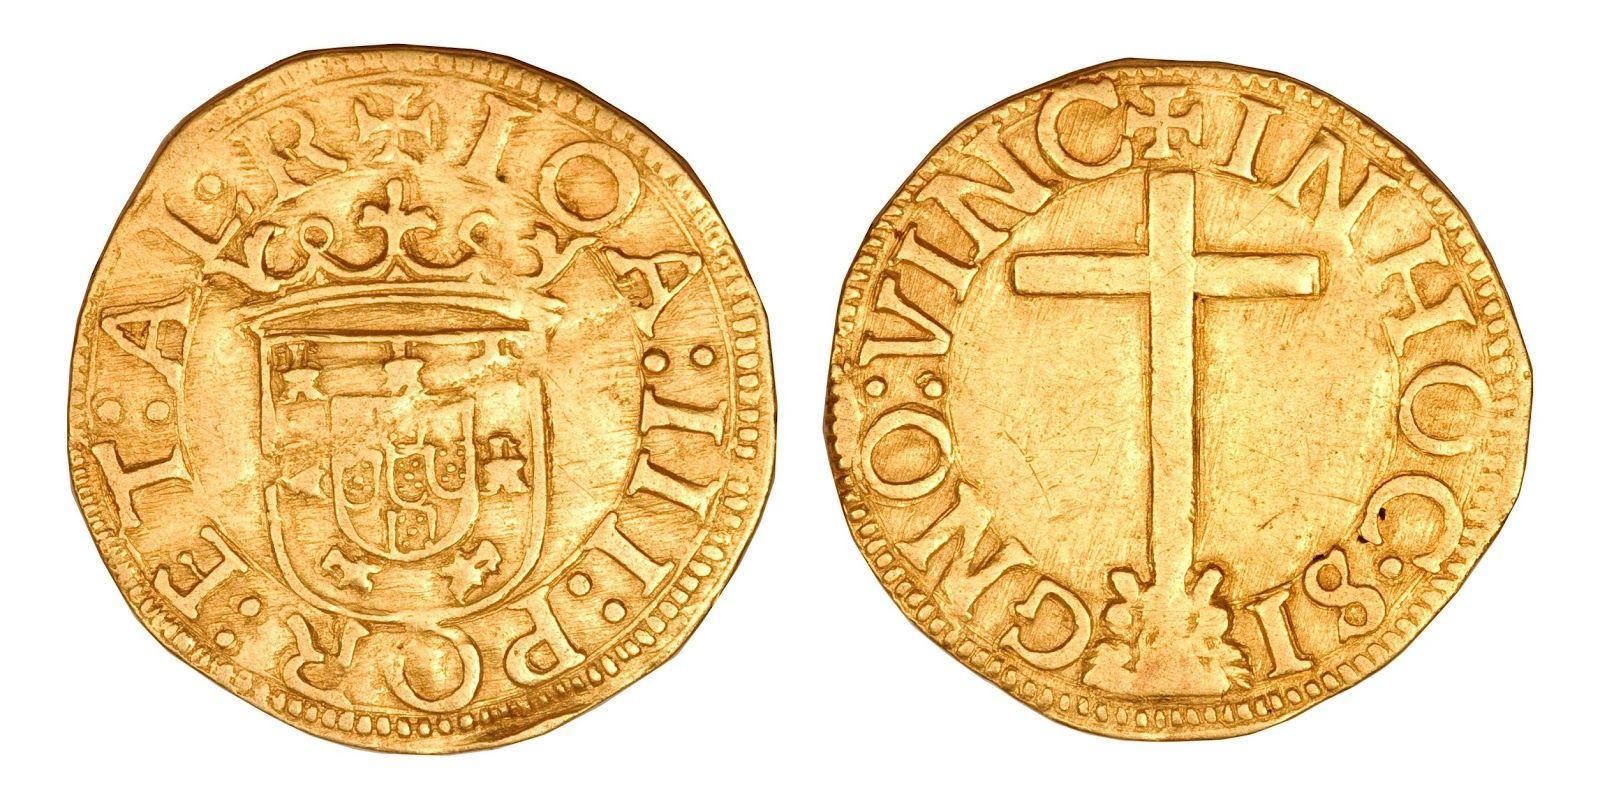 Resultado de imagem para historia moedas antigas brasileiras